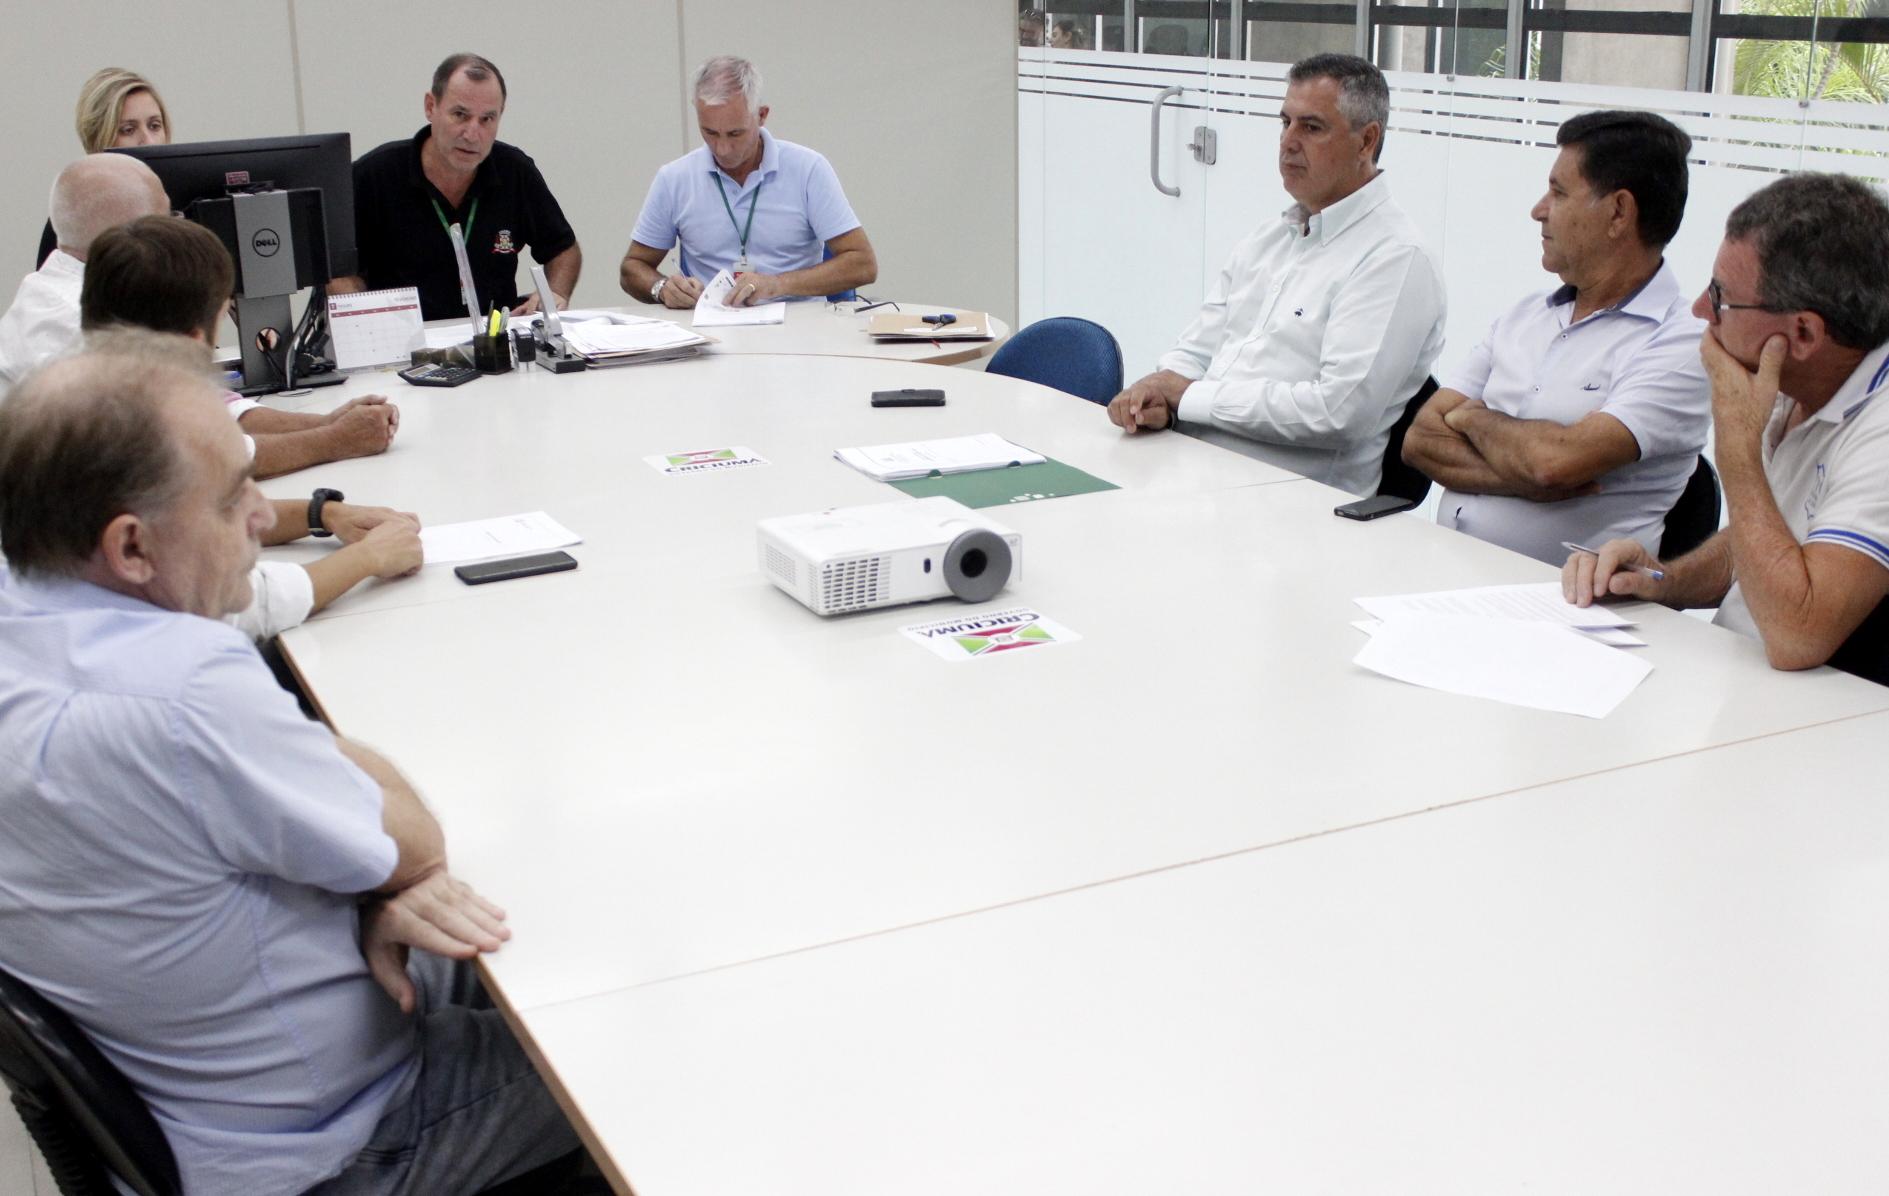 Prefeitura de Criciúma promove leilão de terrenos públicos nesta quarta-feira